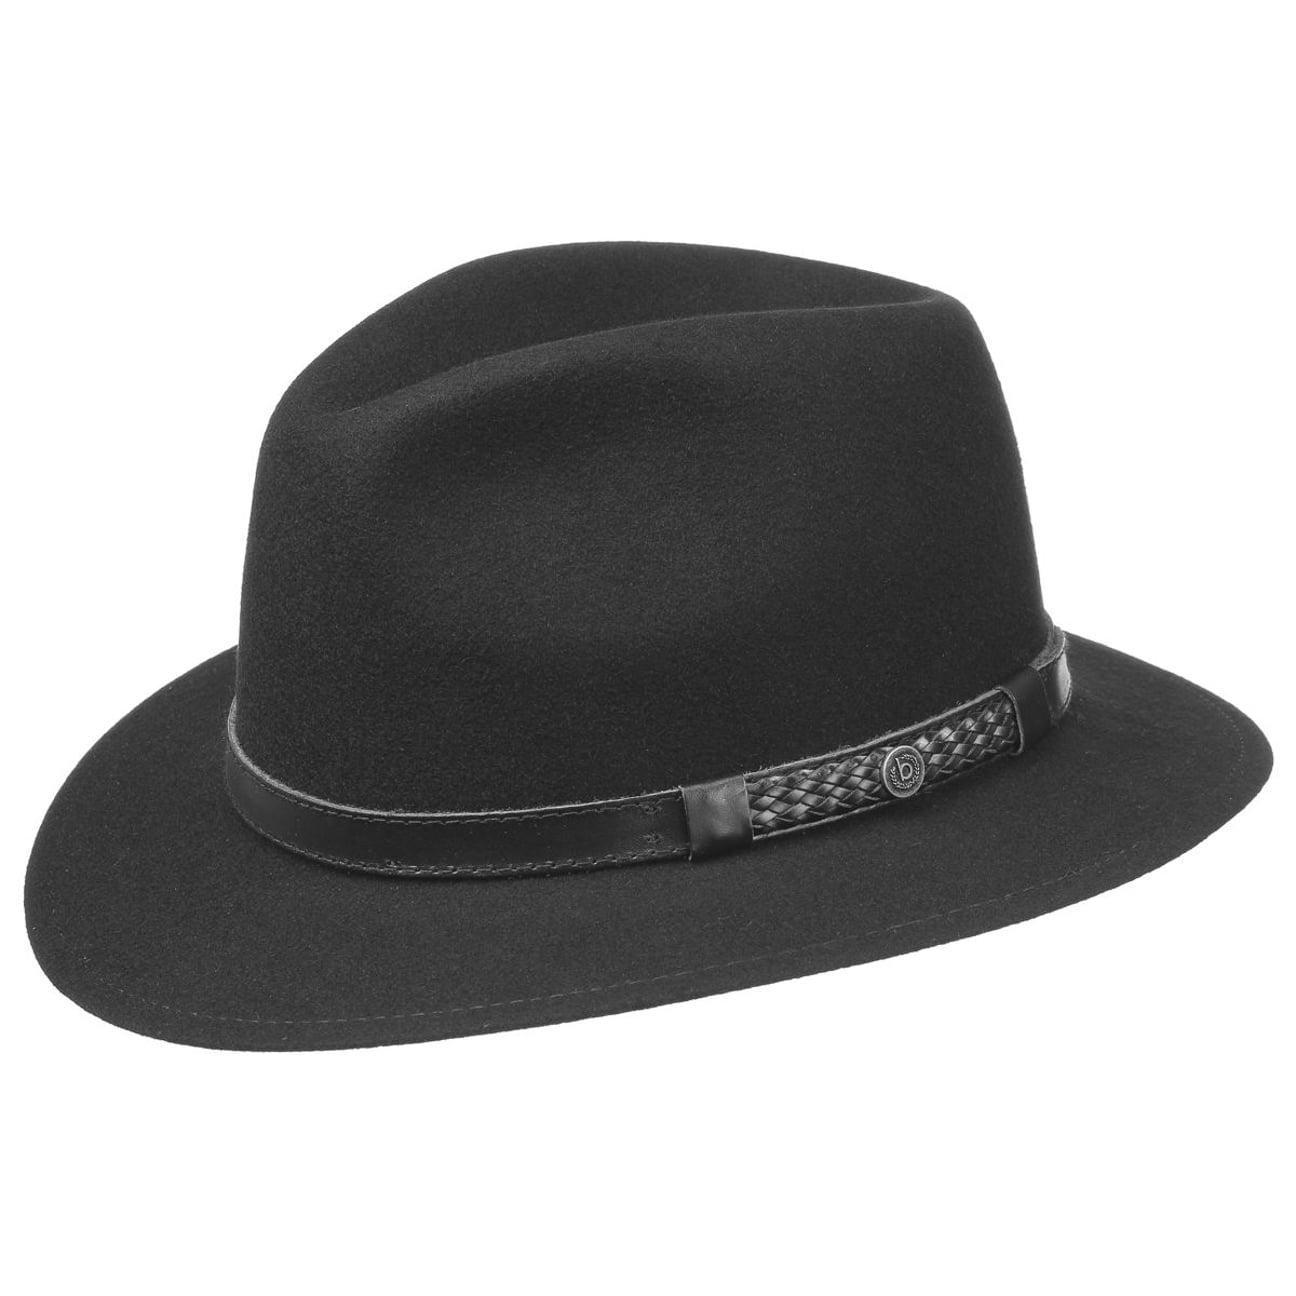 1fb2ba77a Edoardo Waterproof Felt Hat by bugatti